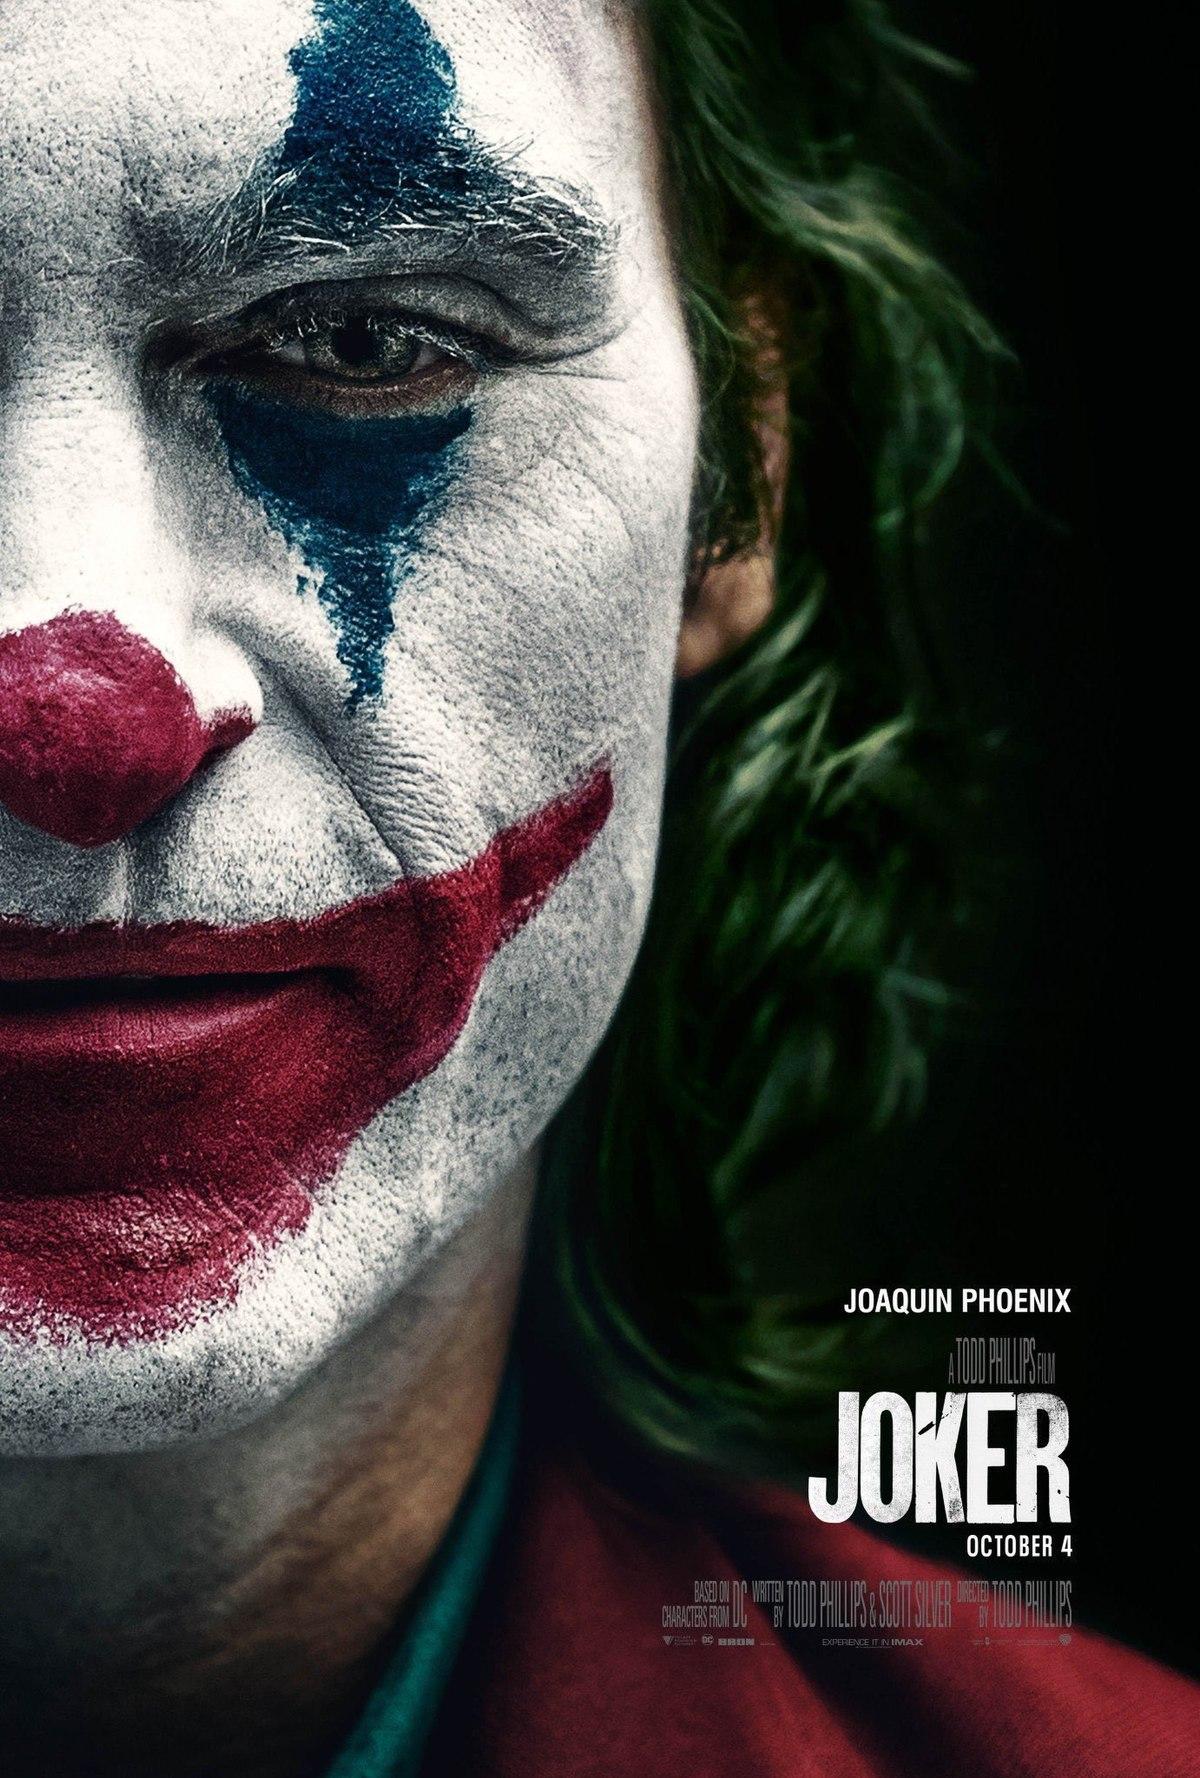 Joker Trailer & Poster 1